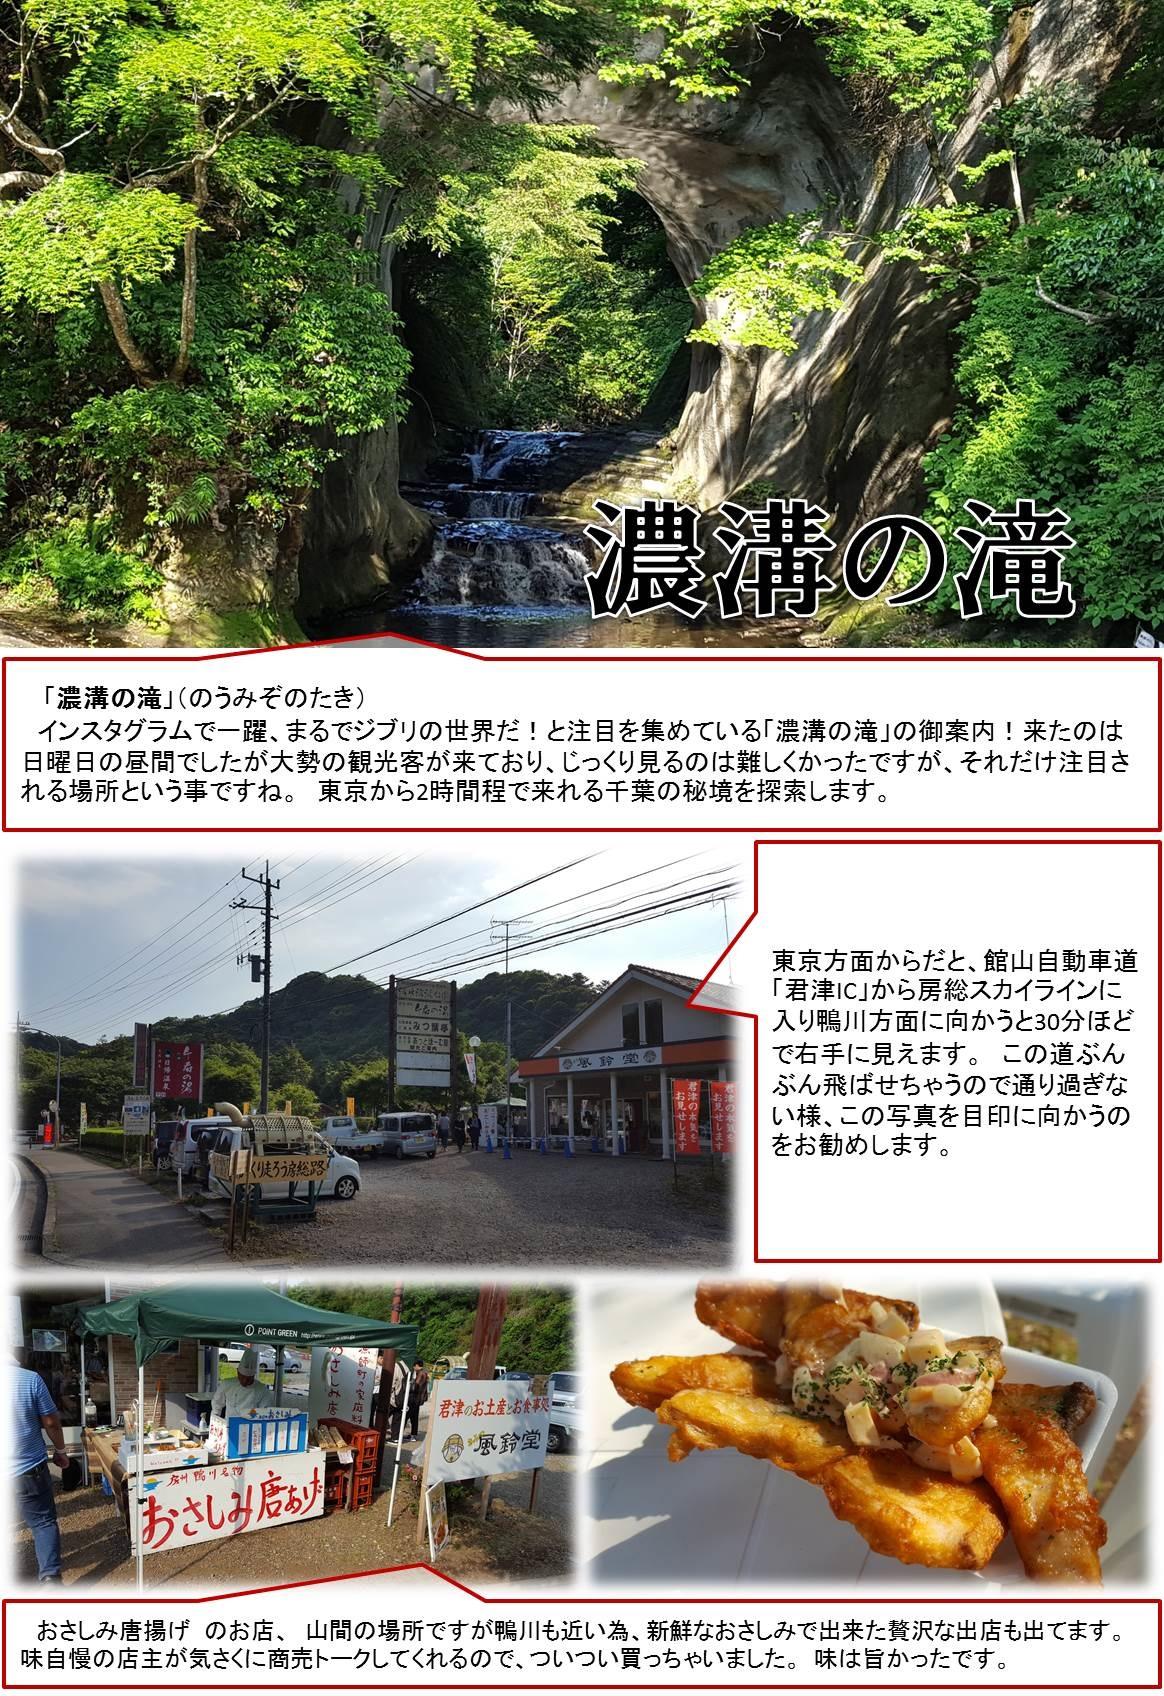 「濃溝の滝」(のうみぞのたき)   インスタグラムで一躍、まるでジブリの世界だ!と注目を集めている「濃溝の滝」の御案内!来たのは日曜日の昼間でしたが大勢の観光客が来ており、じっくり見るのは難しくかったですが、それだけ注目される場所という事ですね。 東京から2時間程で来れる千葉の秘境を探索します。 東京方面からだと、館山自動車道「君津IC」から房総スカイラインに入り鴨川方面に向かうと30分ほどで右手に見えます。 この道ぶんぶん飛ばせちゃうので通り過ぎない様、この写真を目印に向かうのをお勧めします。 おさしみ唐揚げ のお店、 山間の場所ですが鴨川も近い為、新鮮なおさしみで出来た贅沢な出店も出てます。  味自慢の店主が気さくに商売トークしてくれるので、ついつい買っちゃいました。 味は旨かったです。